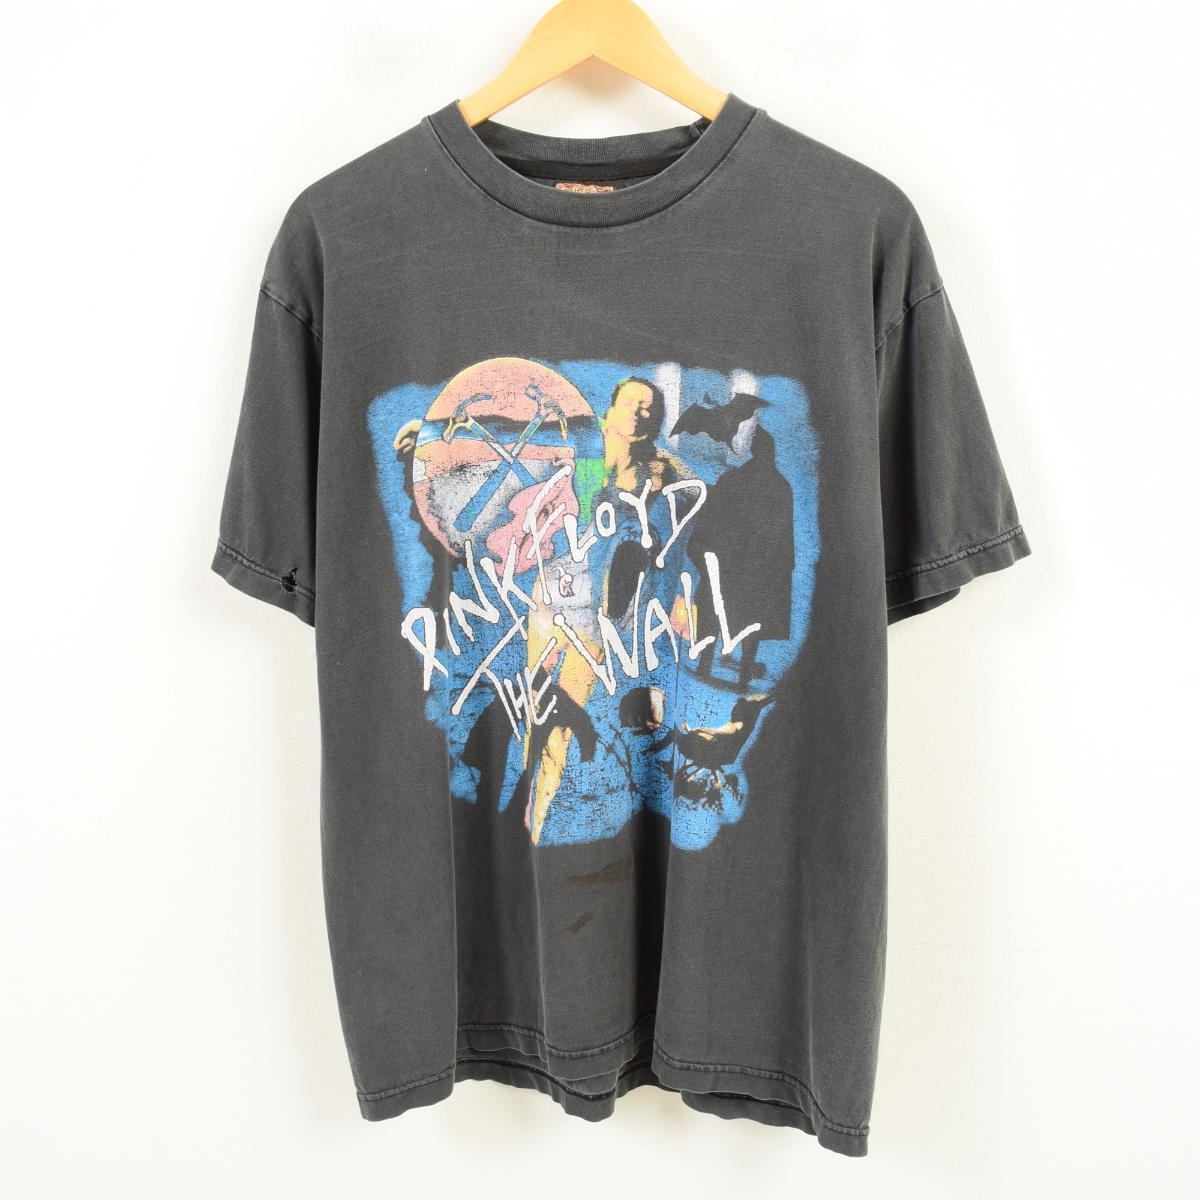 90年代 Solid Rock PINK FLOYD ピンクフロイド アルバム THE WALL バンドTシャツ メンズXL /wav3825 【中古】 【180715】